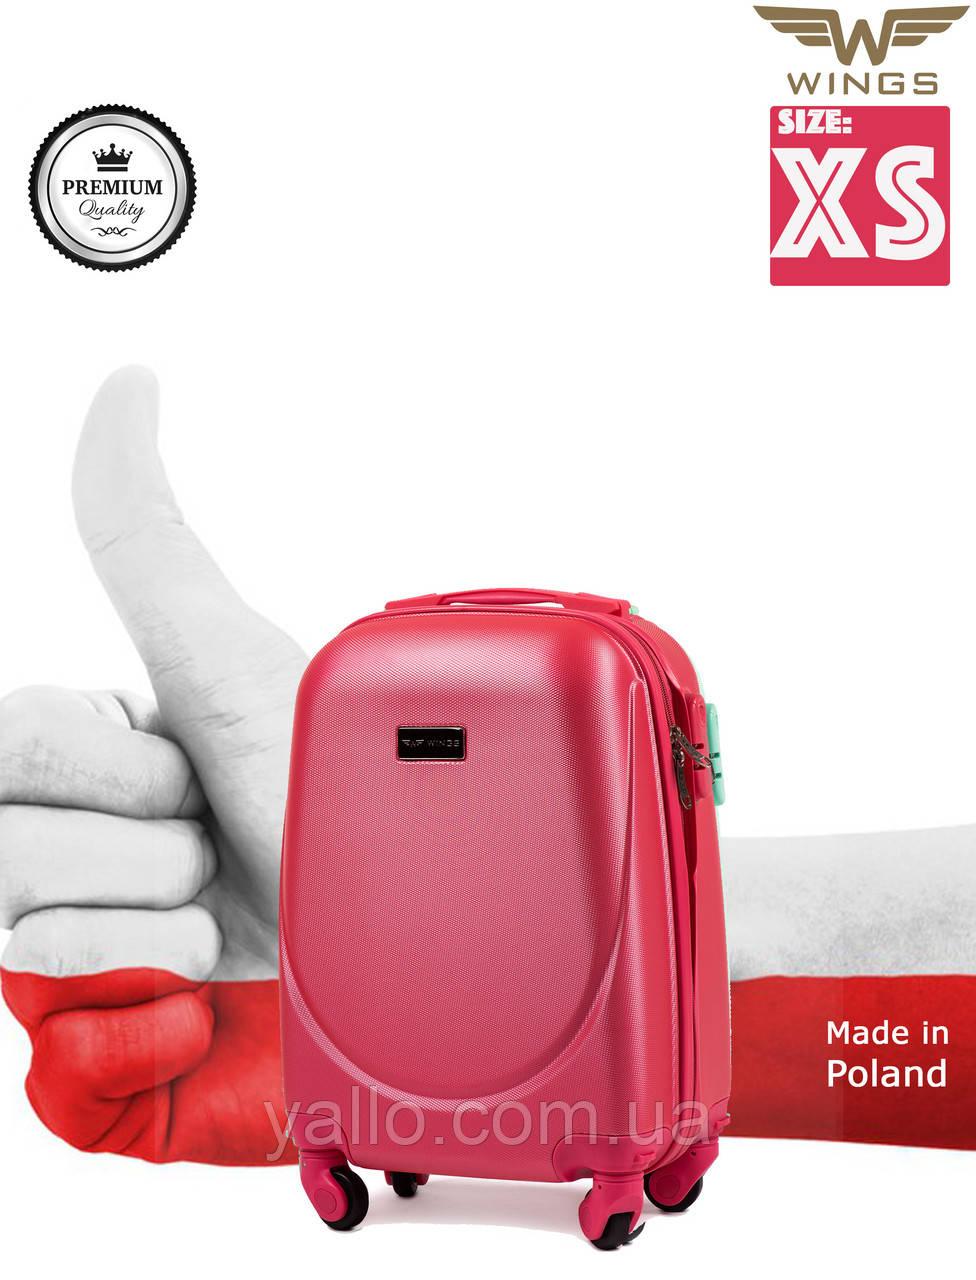 """Чемодан Ударостойкий !Самый Малый пластиковый на четырёх каучуковых колёсах """"WINGS K310 XS"""" Rose-Red"""